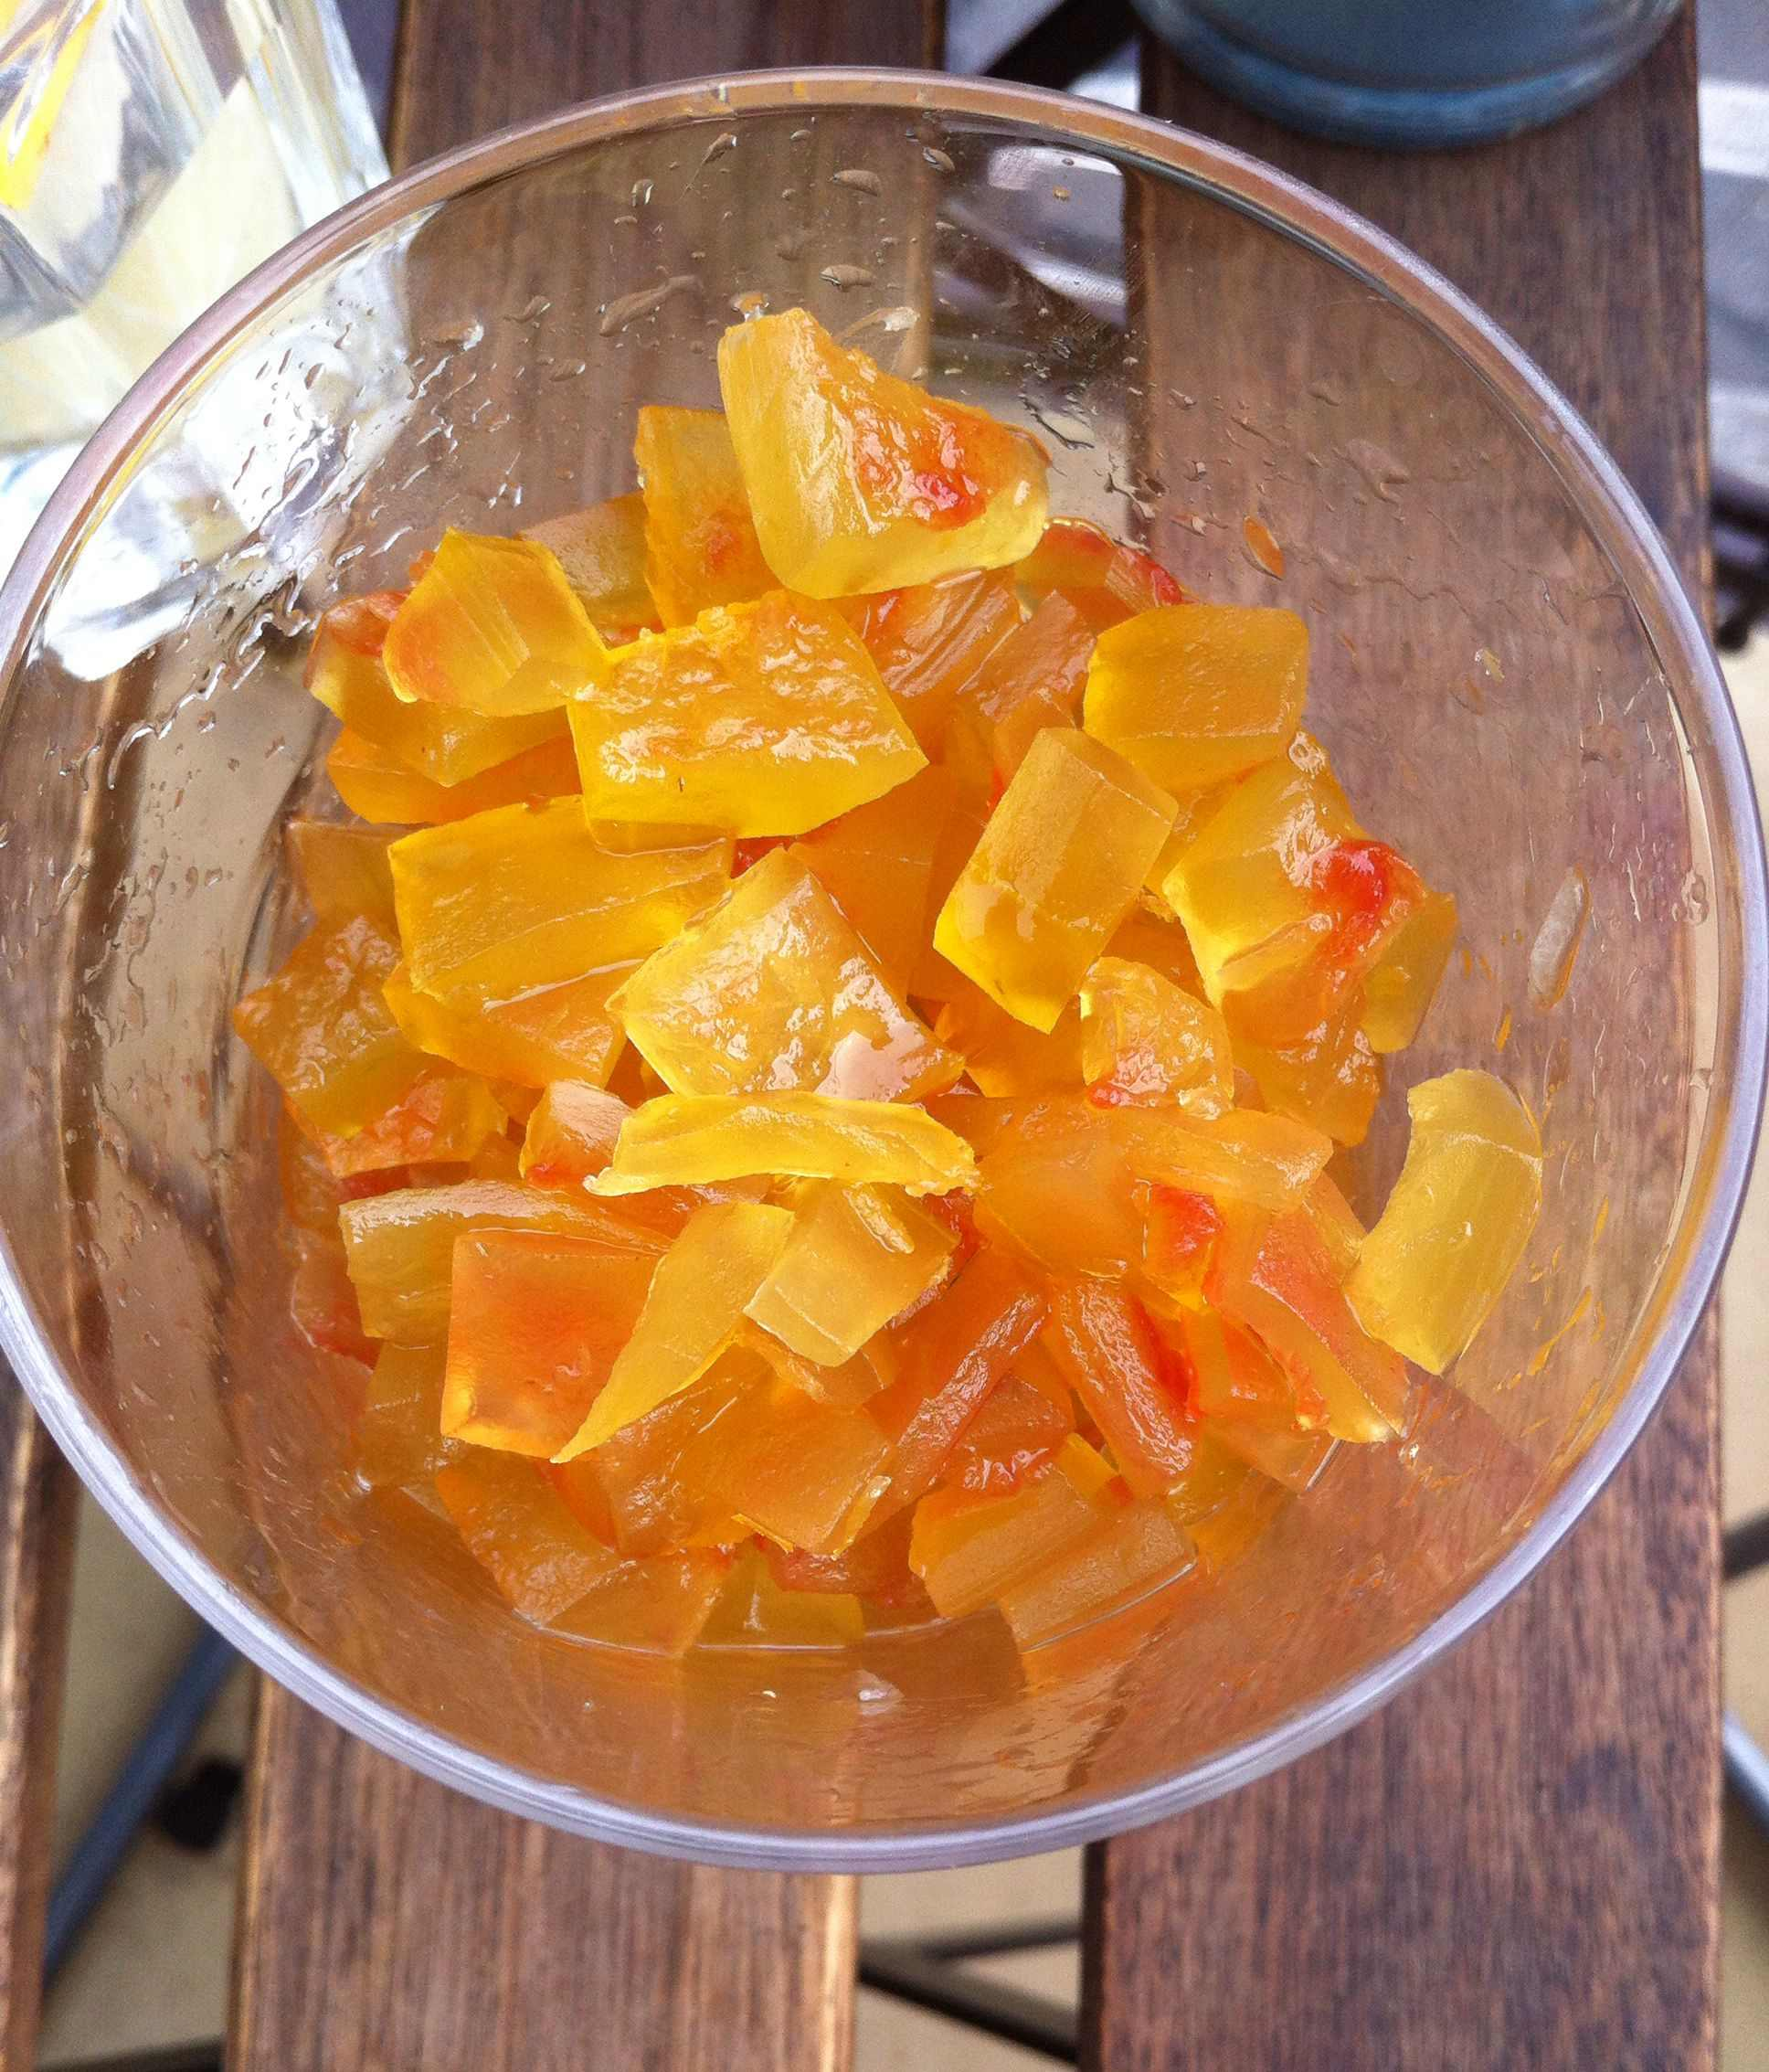 Цукаты из арбузных корок: самый простой рецепт, способы приготовления в домашних условиях, цукаты из мякоти арбуза